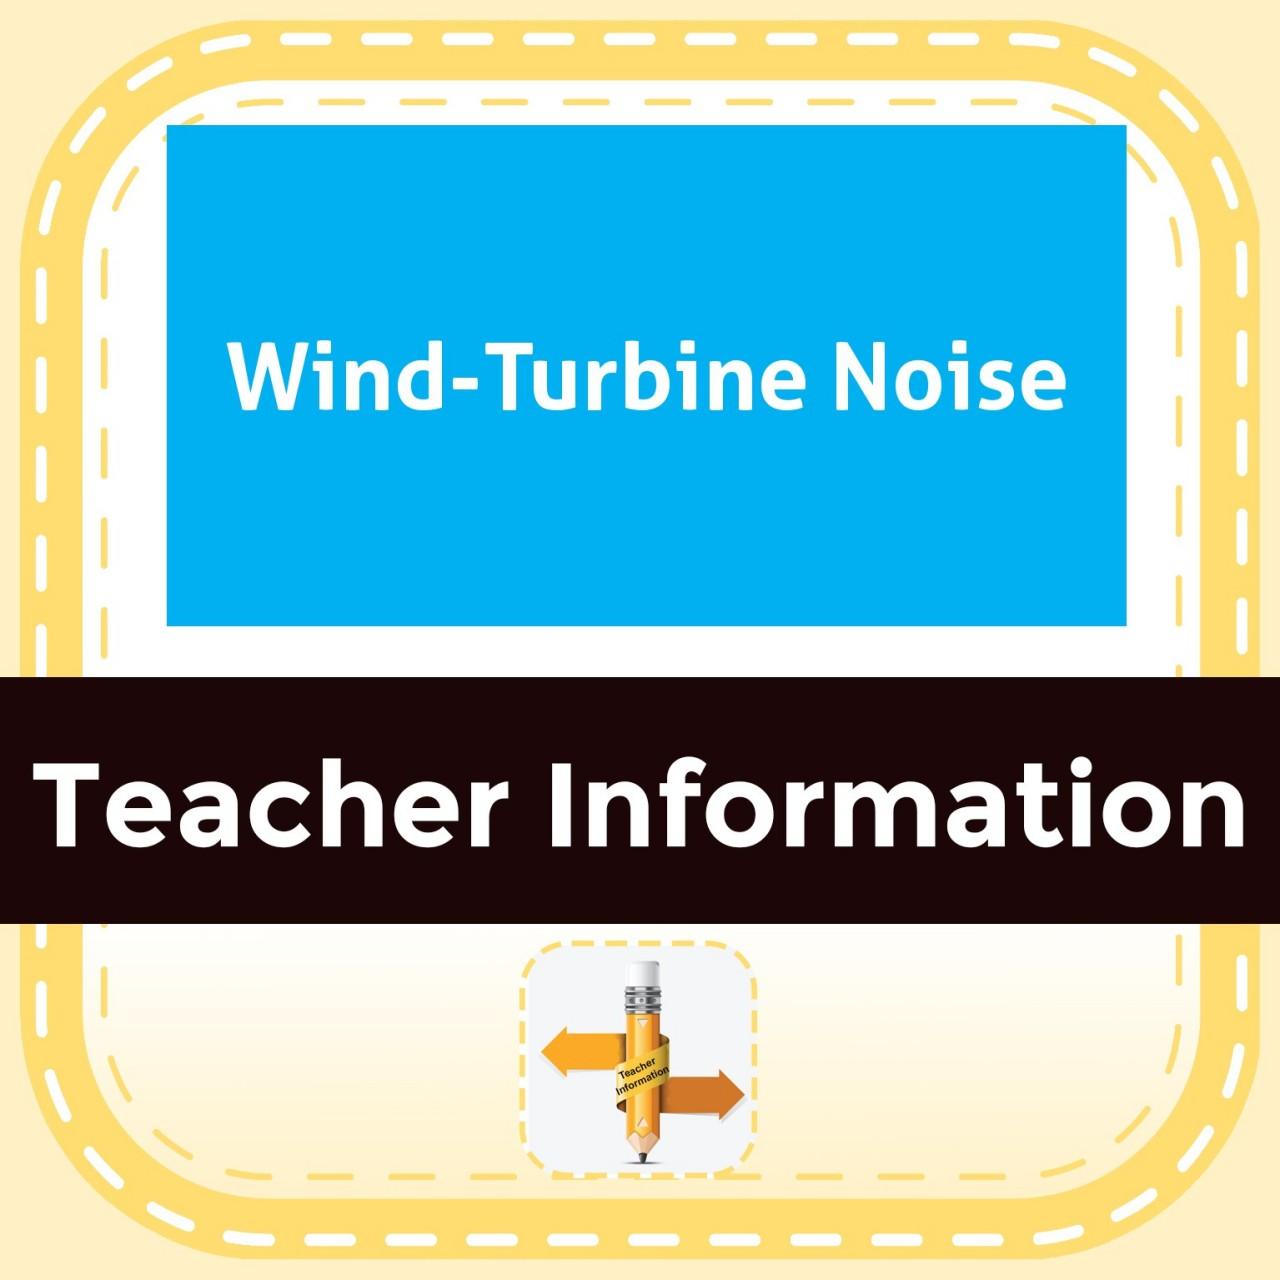 Wind-Turbine Noise